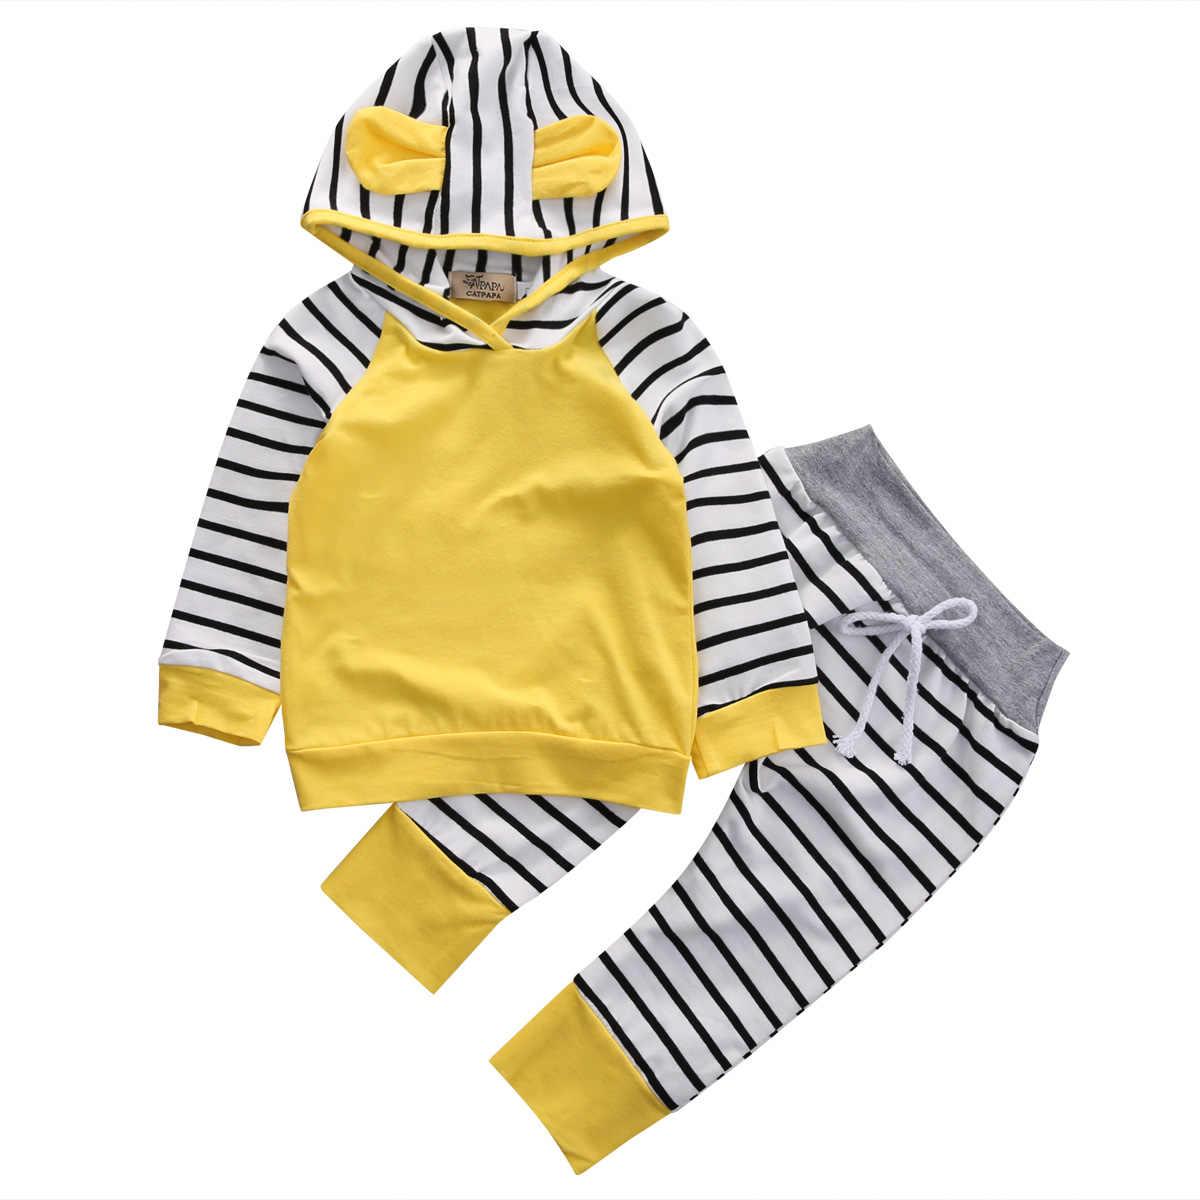 2PCS Bebê Crianças Bebê Macacão Manga Longa Com Capuz Conjunto De Calça Estampa Floral Roupa